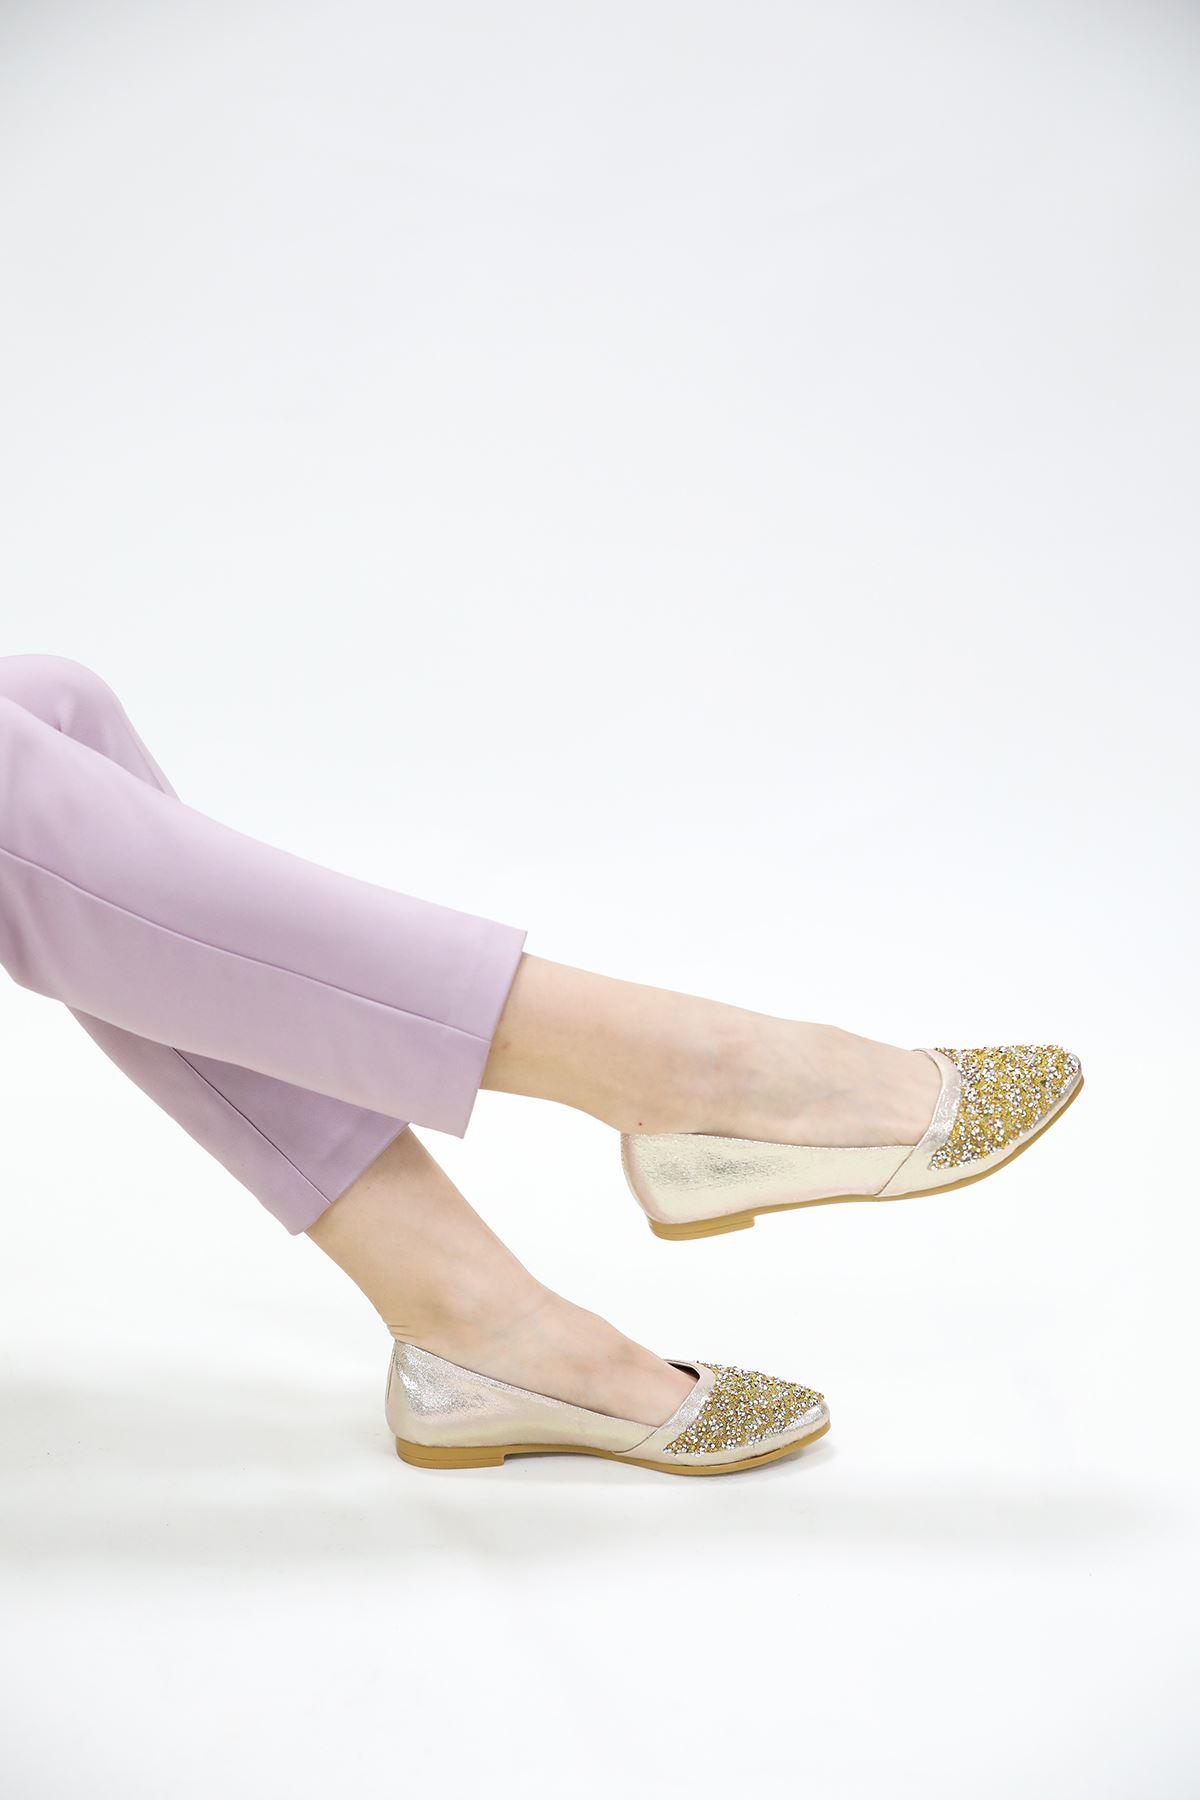 Yanı Kesik Model Taşlı Altın Parlak Babet